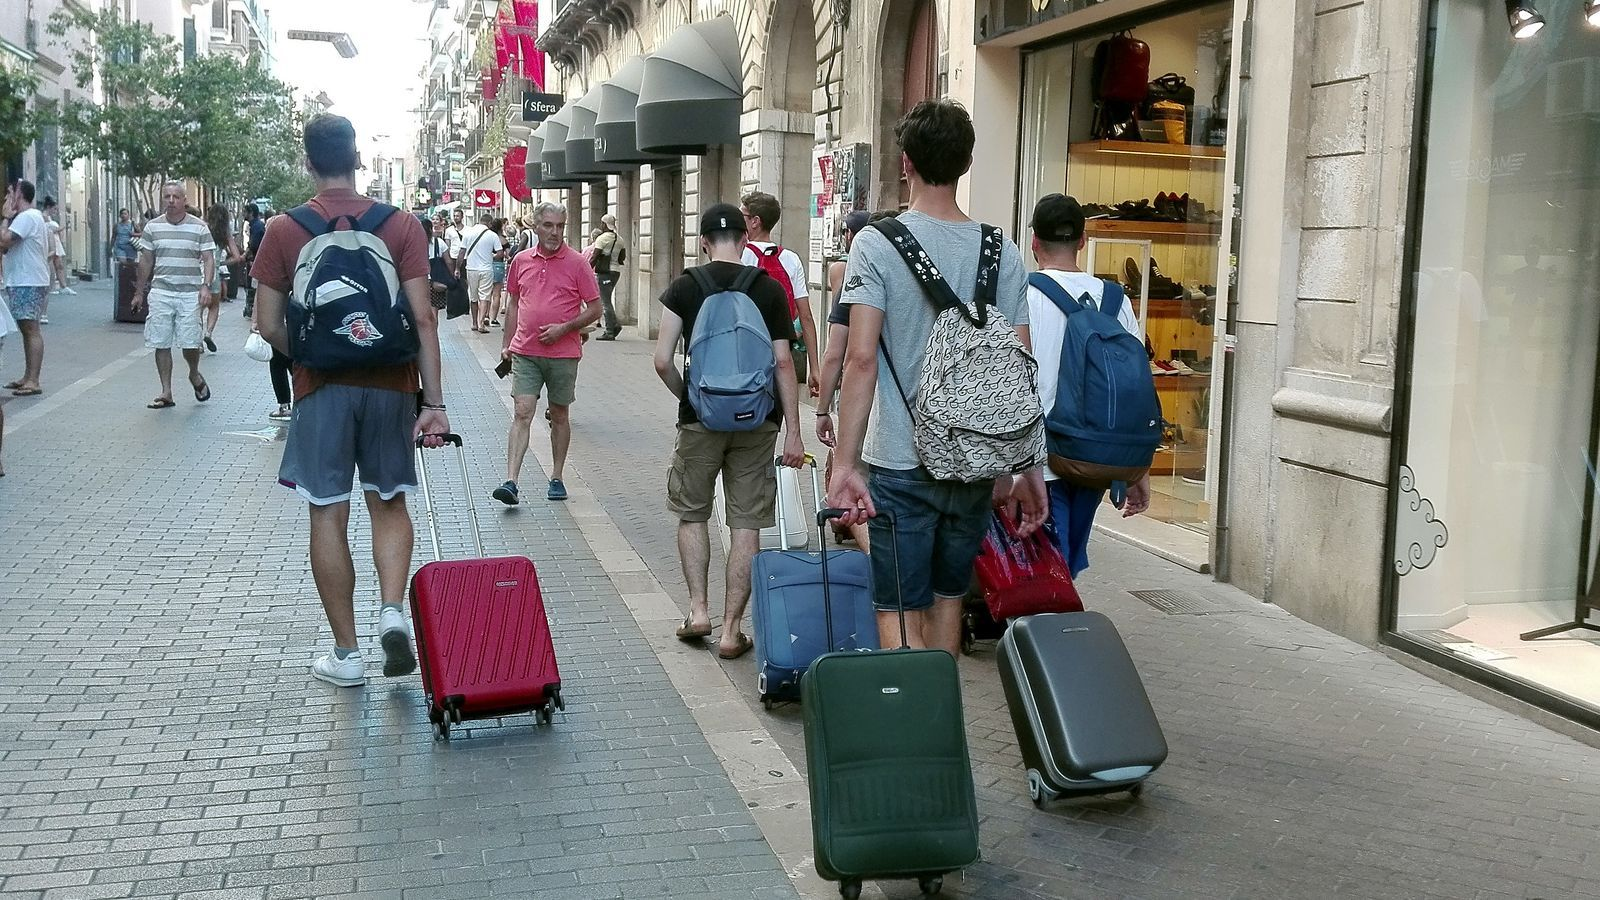 170725 - Turistes , maletes , lloguer vacacional - IB 02